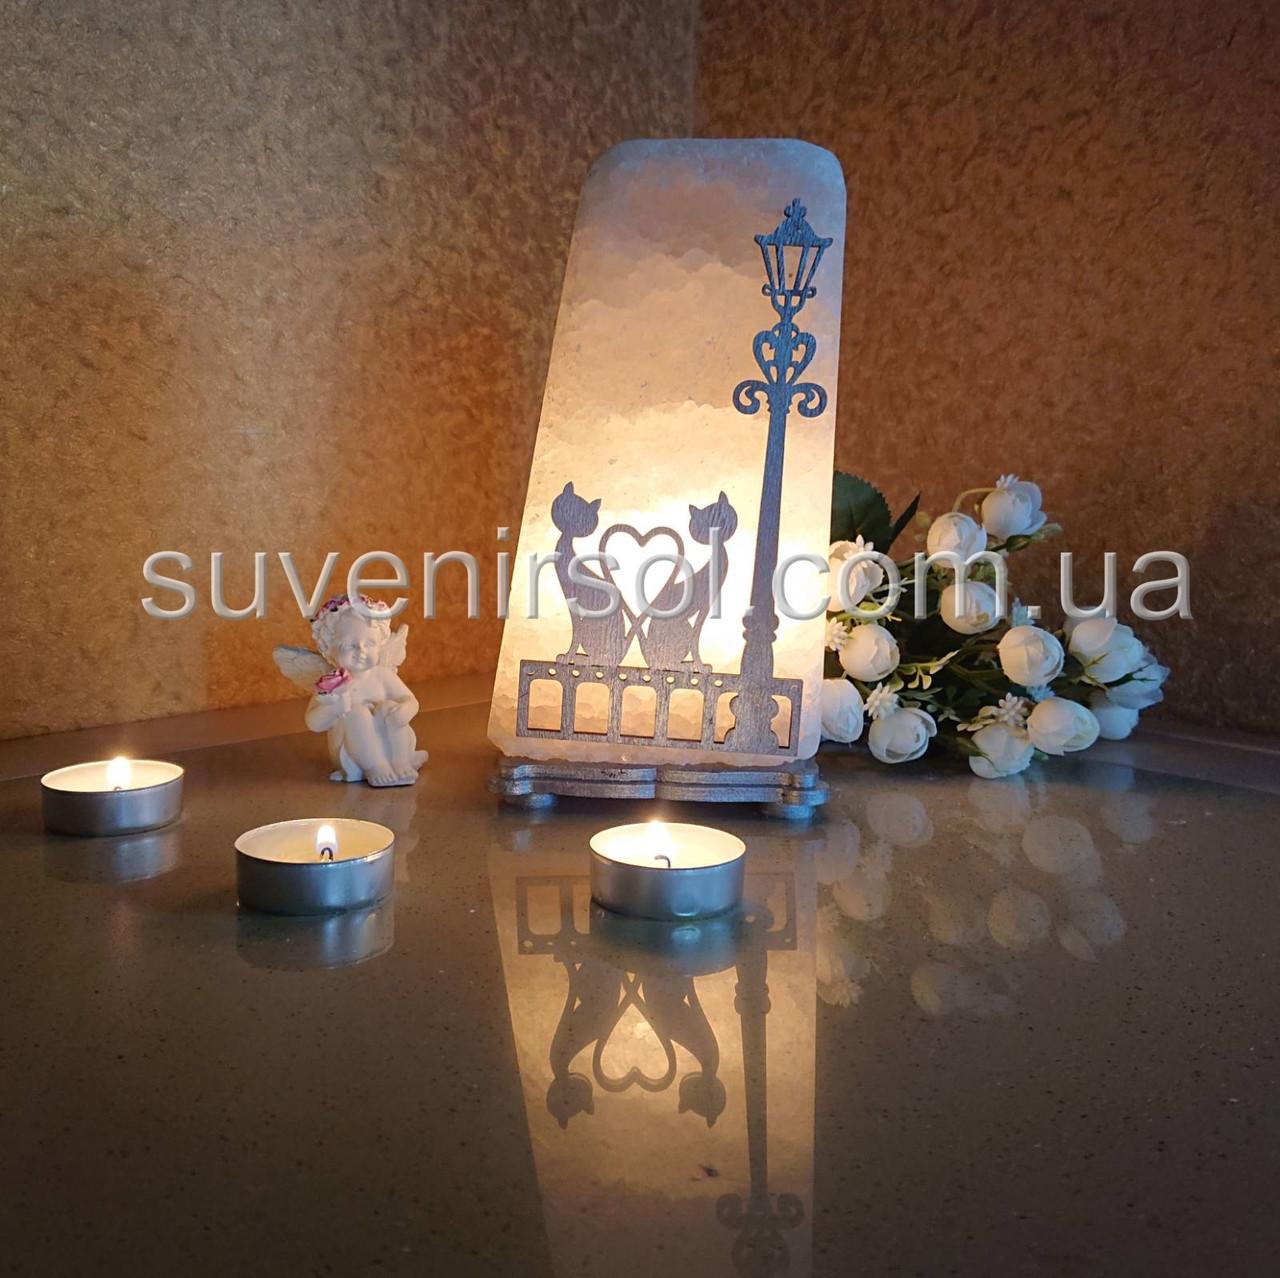 Соляной светильник Фонарь+котыцветной